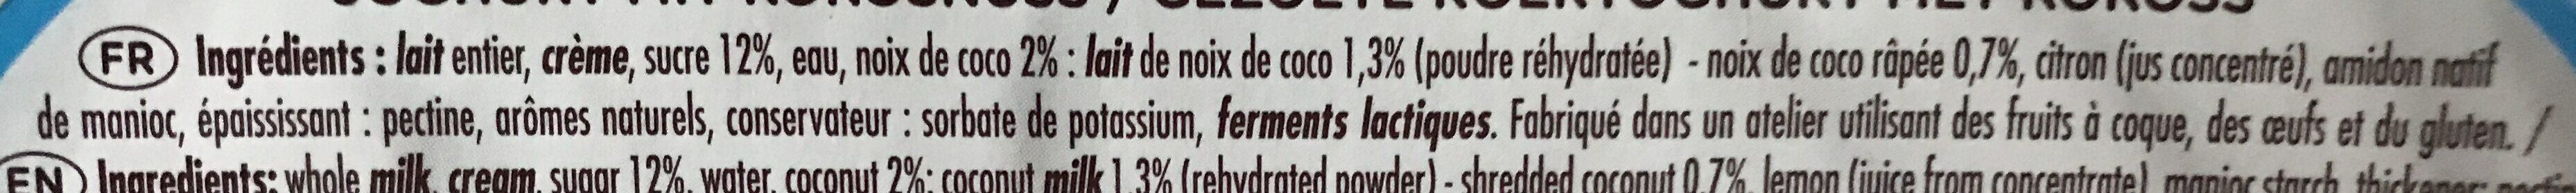 Le Yaourt Onctueux à la Noix de Coco - Ingredients